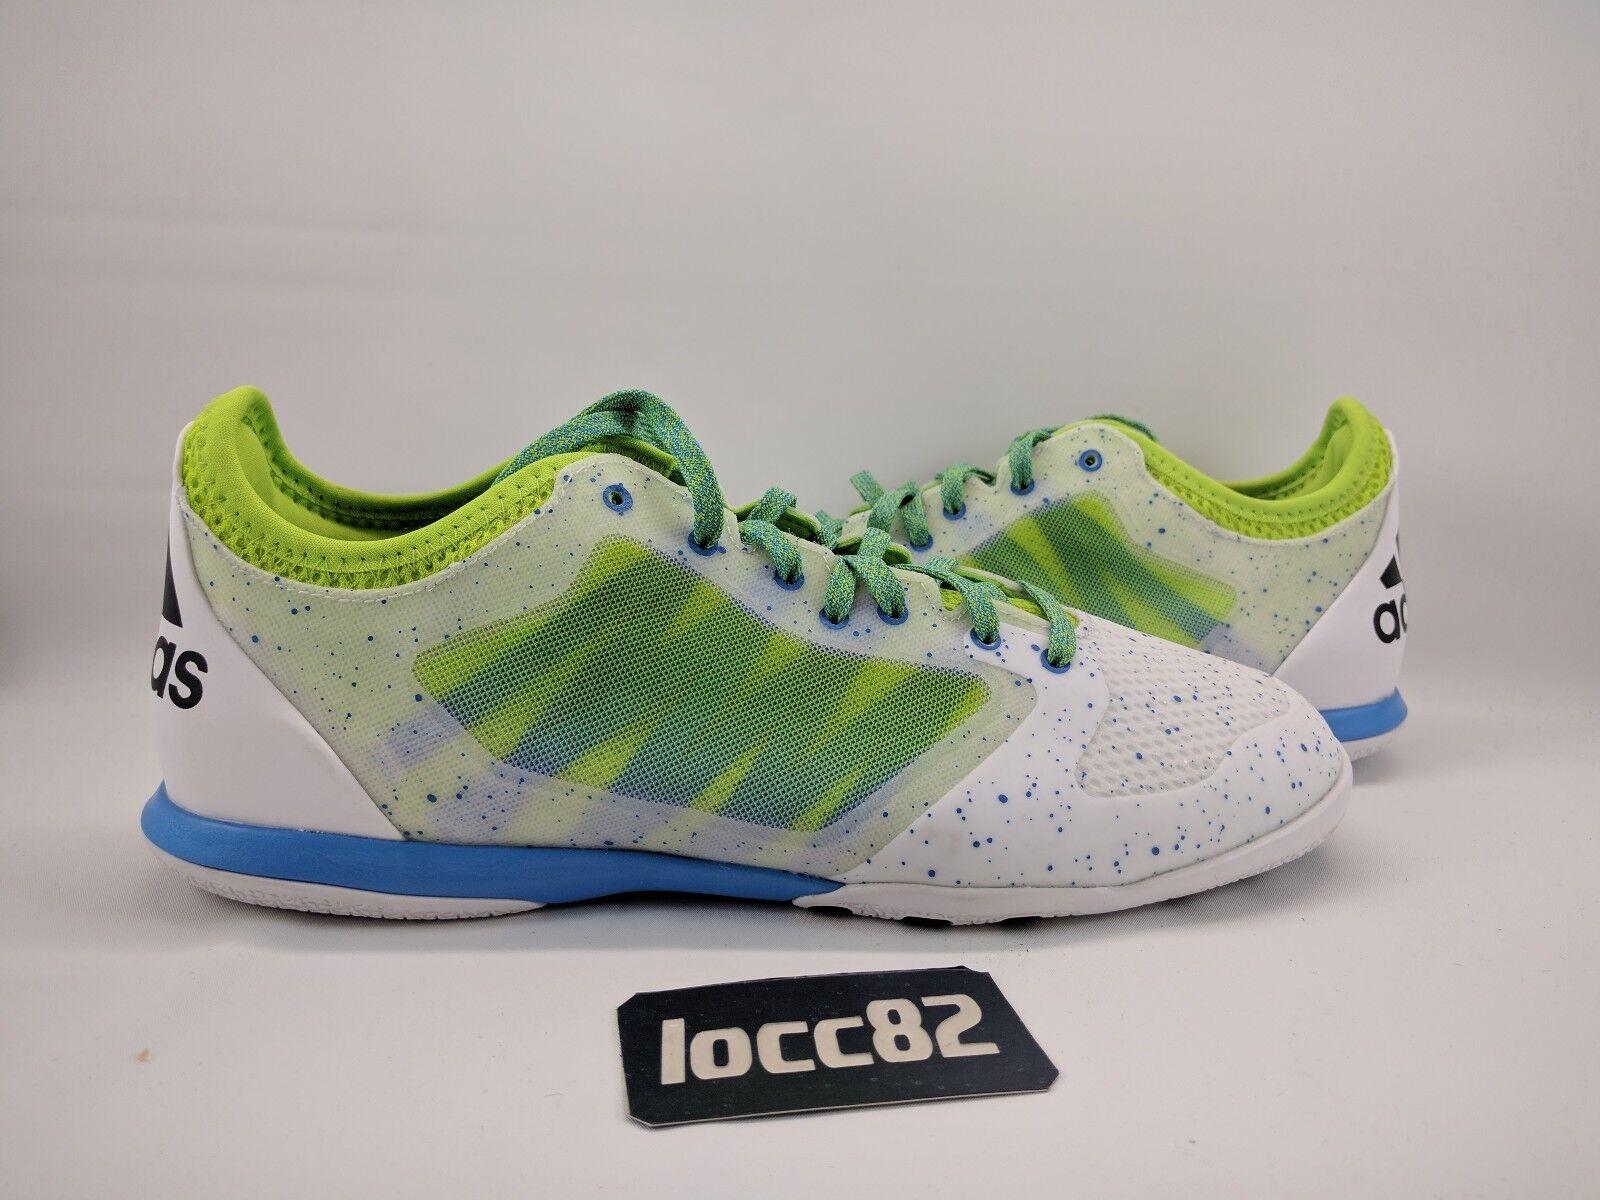 Adidas x 15,1 - indoor scarpe sz 10,5 - 15,1 af4809] il calcio al tribunale 88d2d0